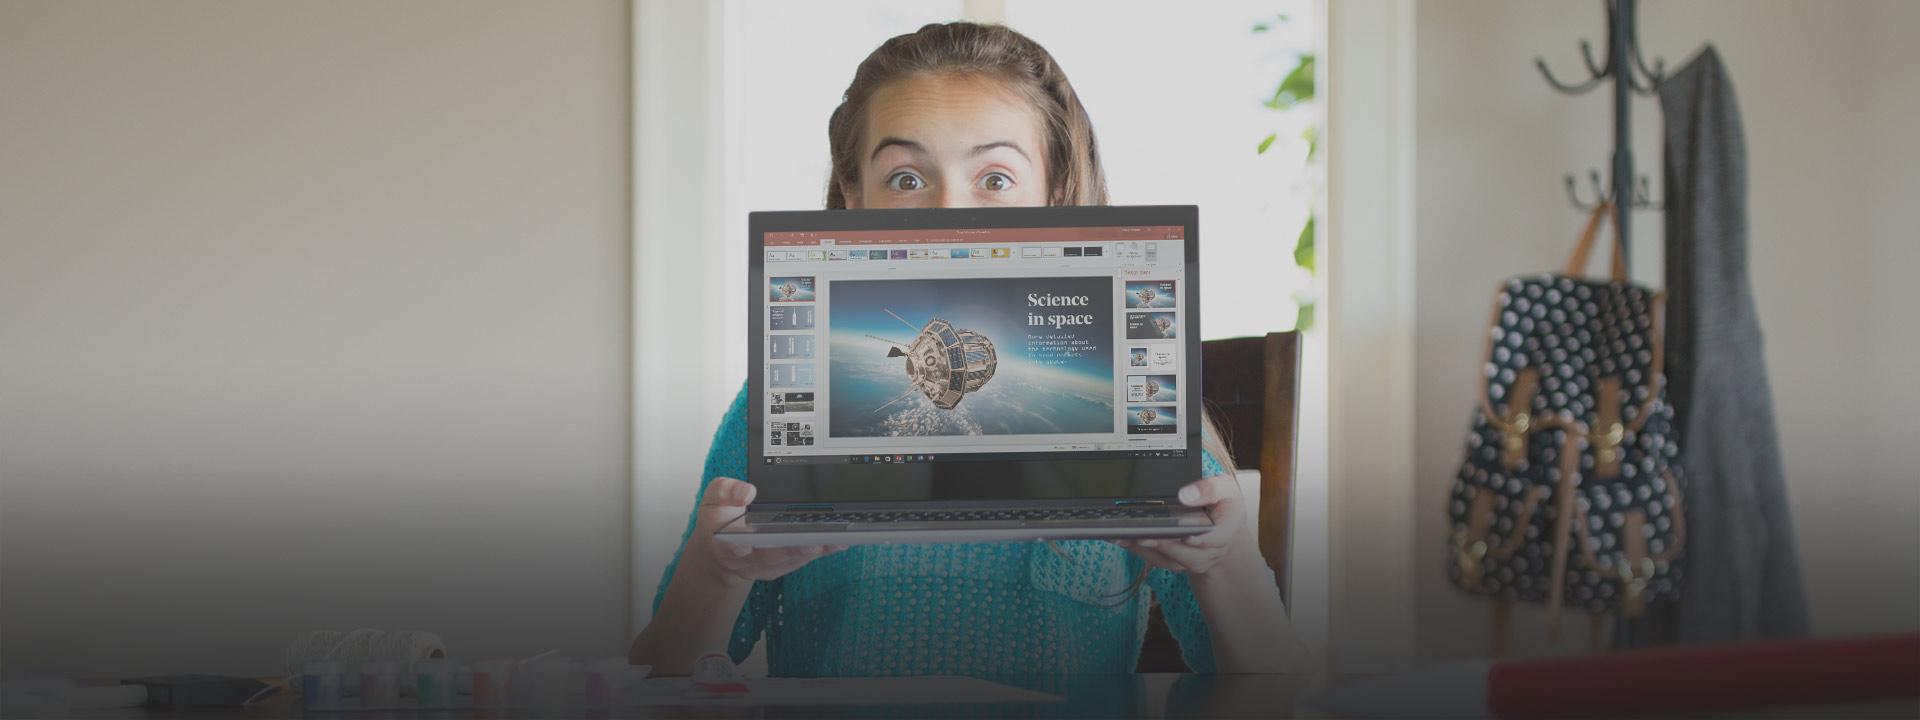 Počítač, zistiť viac oOffice 365